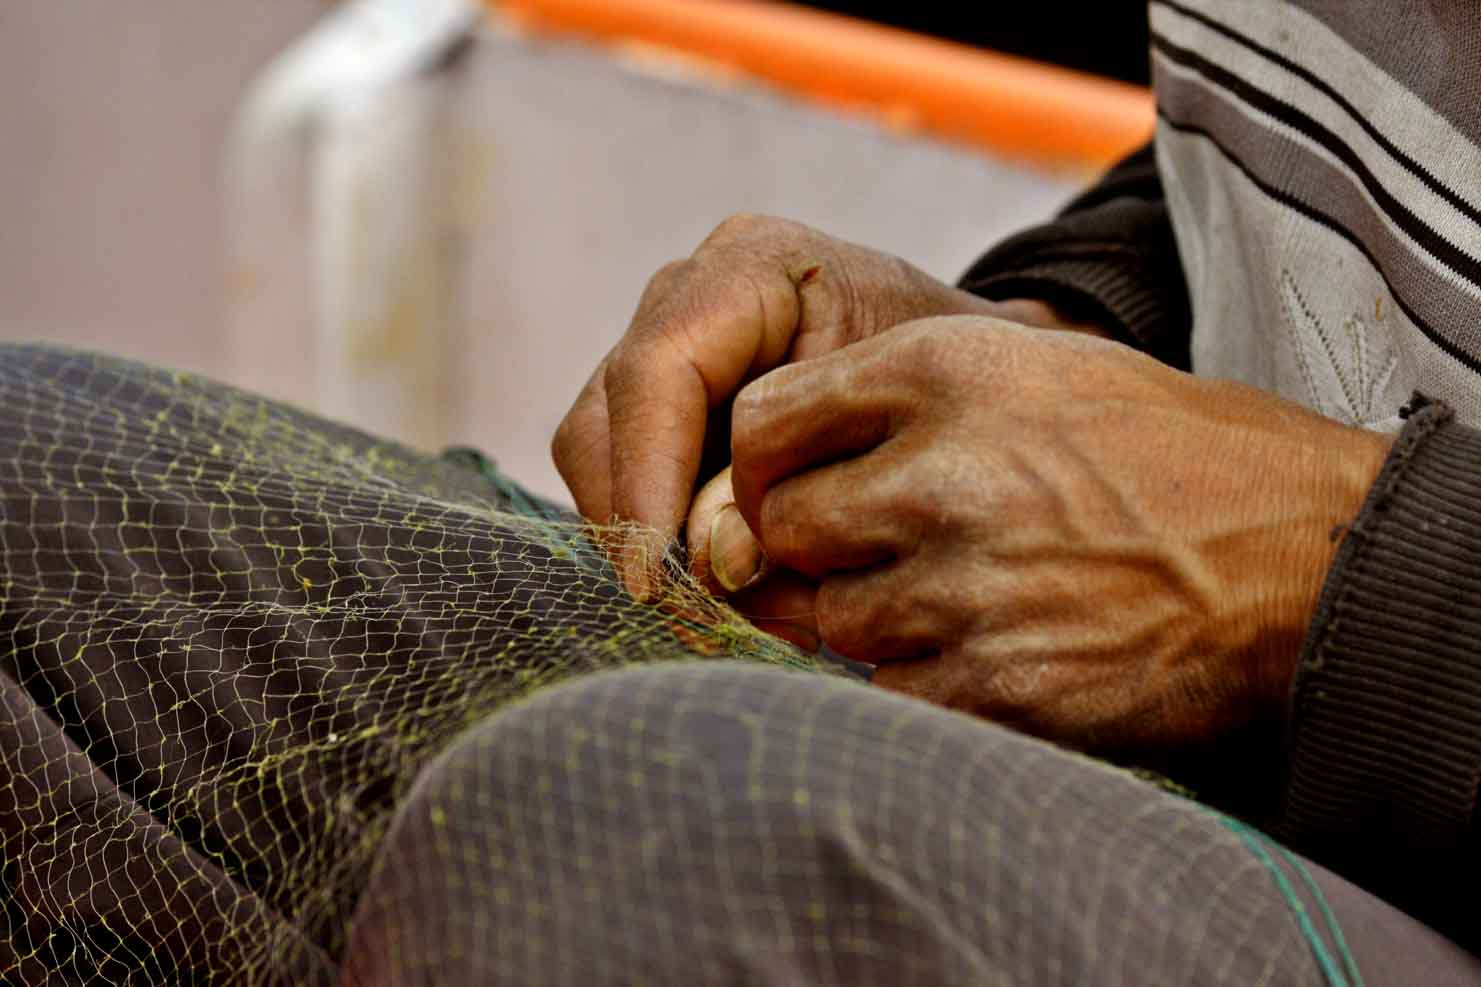 Hands of Bai fisherman repairing gill net. Dali, China. .jpg